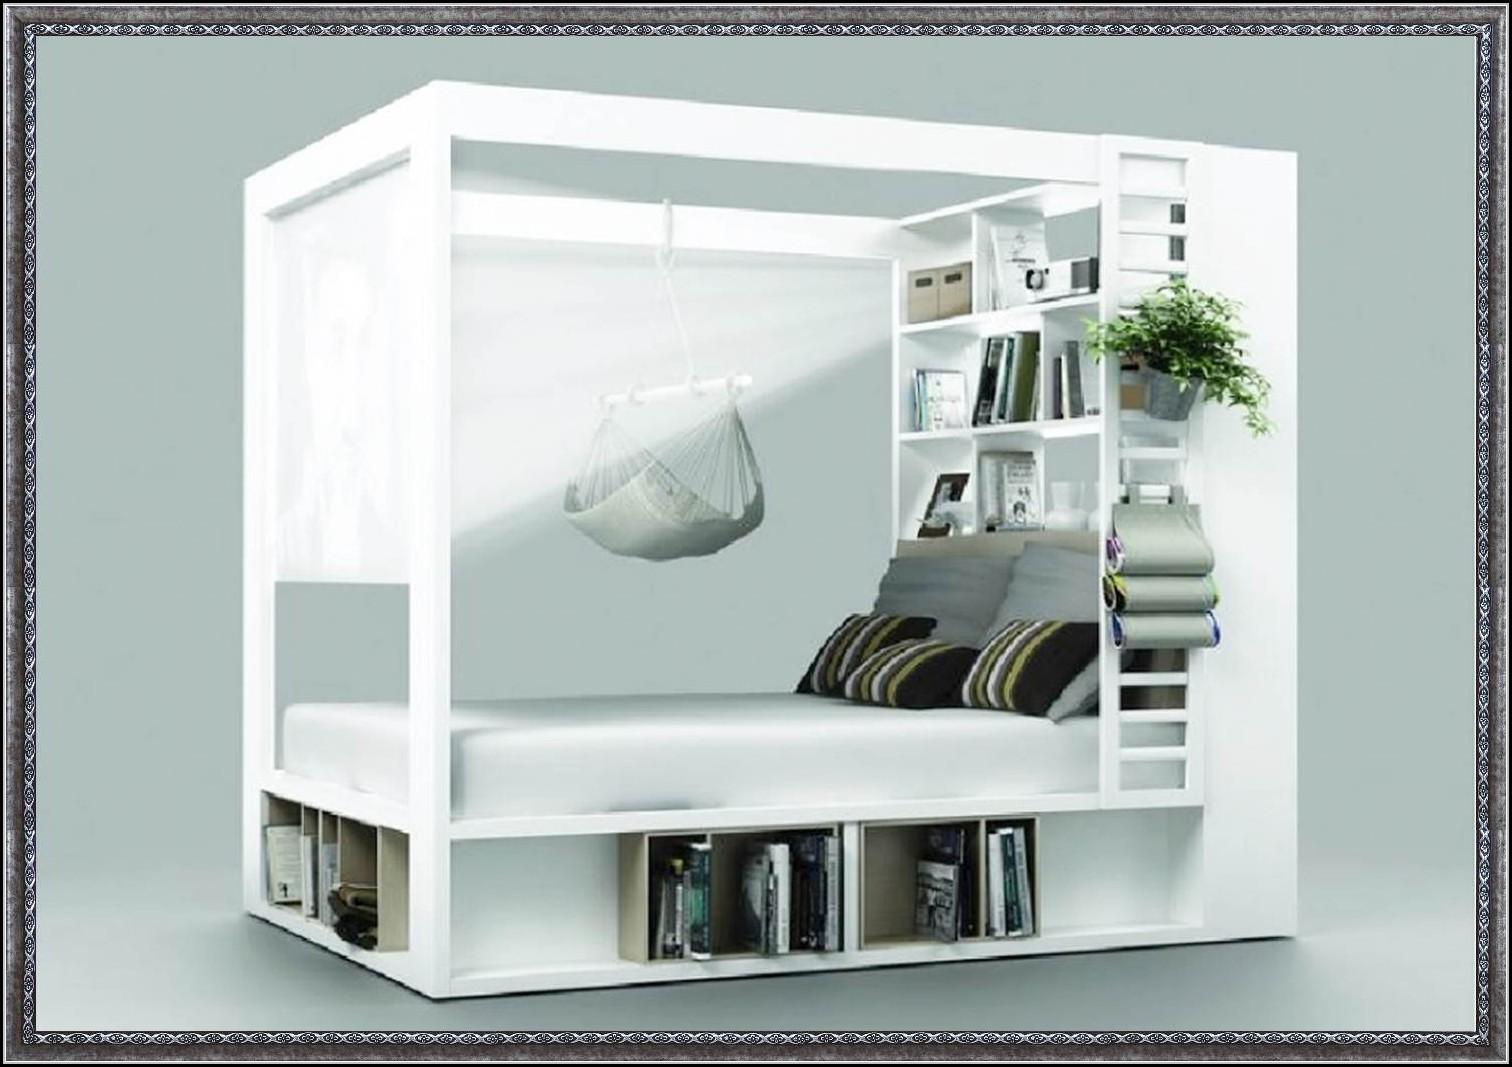 bett mit regal am kopfende betten house und dekor galerie qd1zzlp17p. Black Bedroom Furniture Sets. Home Design Ideas